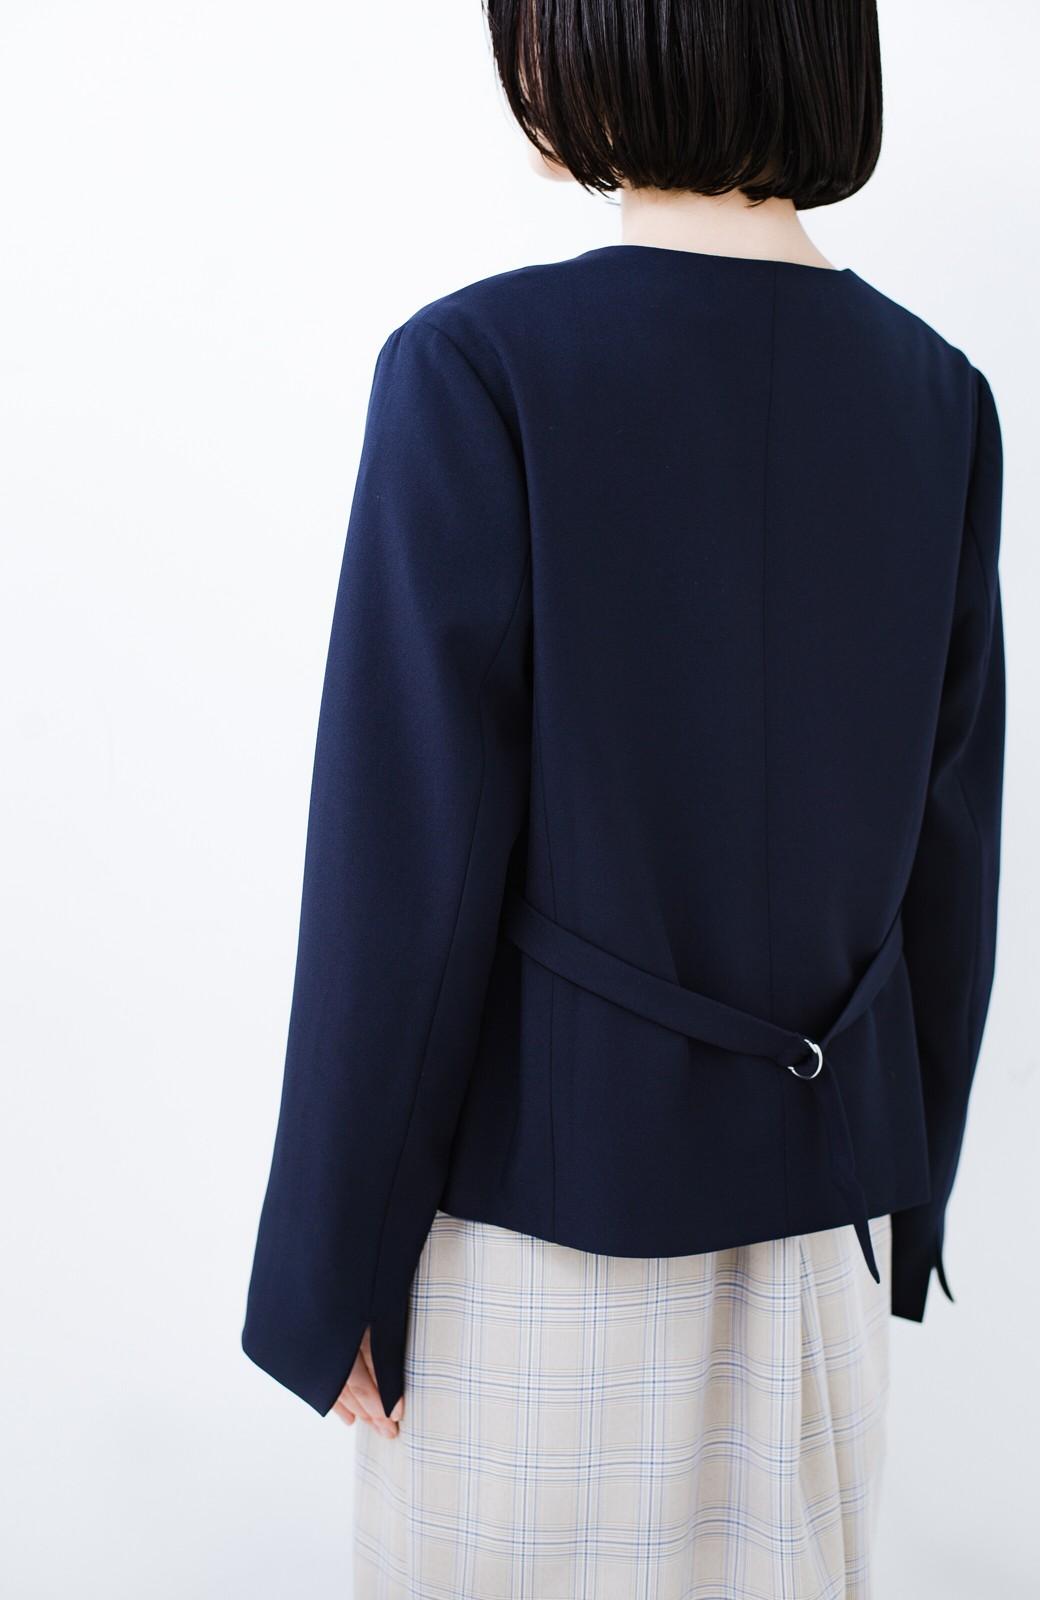 haco! 持っていると便利な野暮ったくならないフォーマルジャケット・パンツの2点セット <ネイビー>の商品写真9